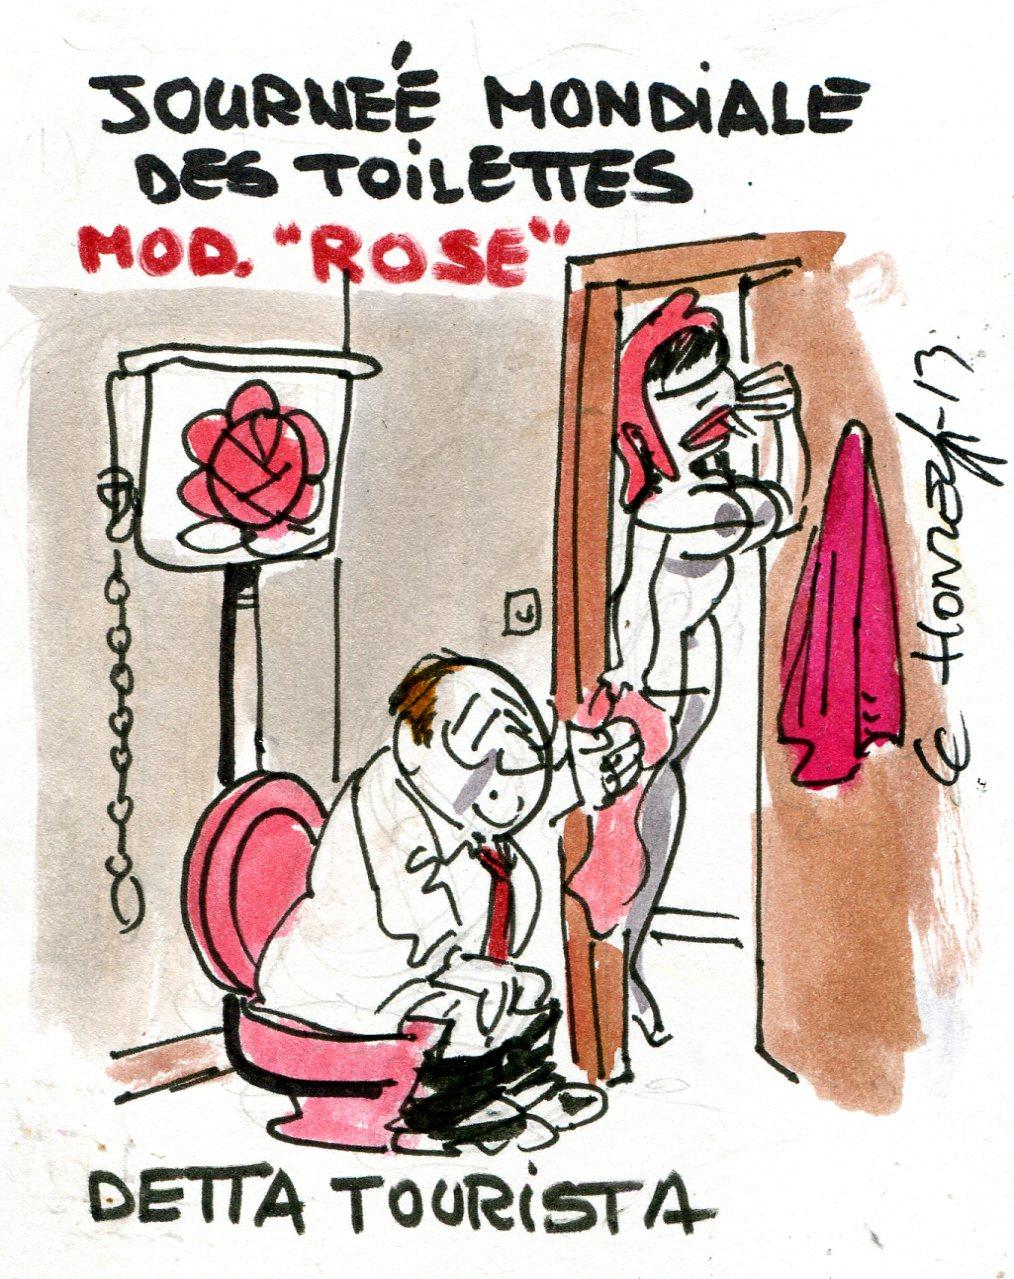 journ 233 e mondiale des toilettes contrepoints